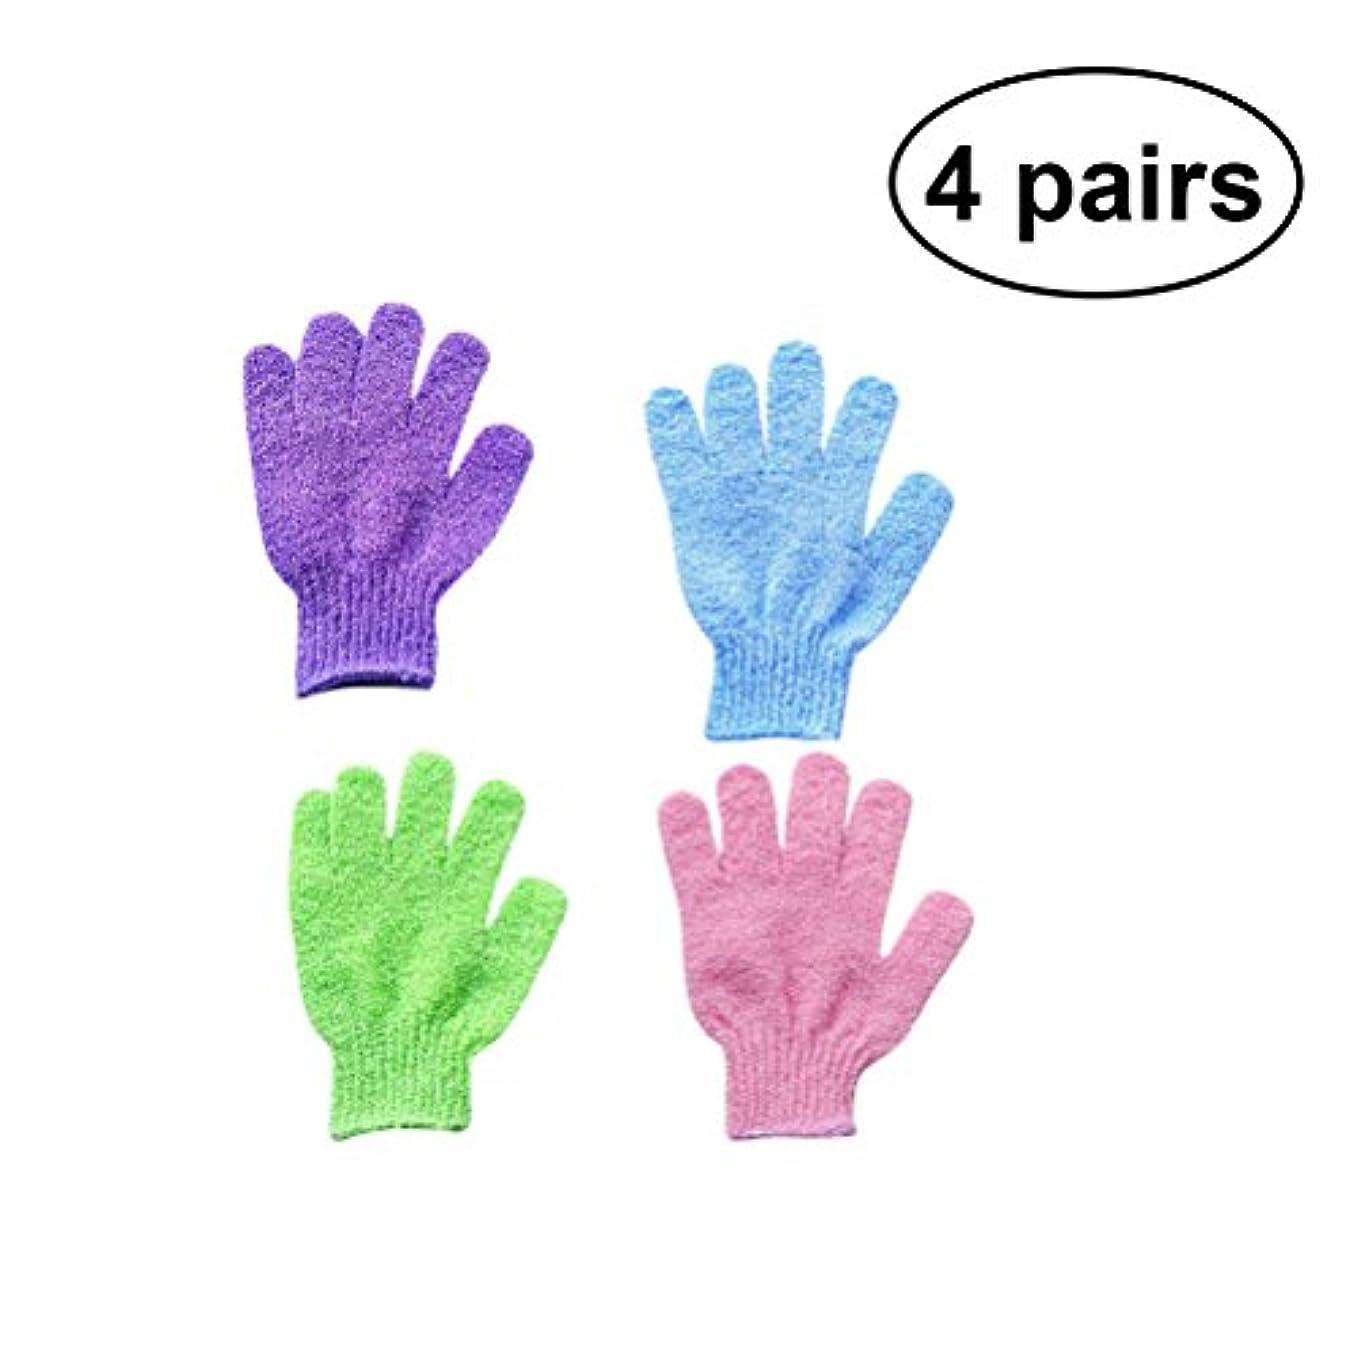 追加バリーばかげているHealifty 4 Pairs Exfoliating Bath Gloves Shower Mitts Exfoliating Body Spa Massage Dead Skin Cell Remover